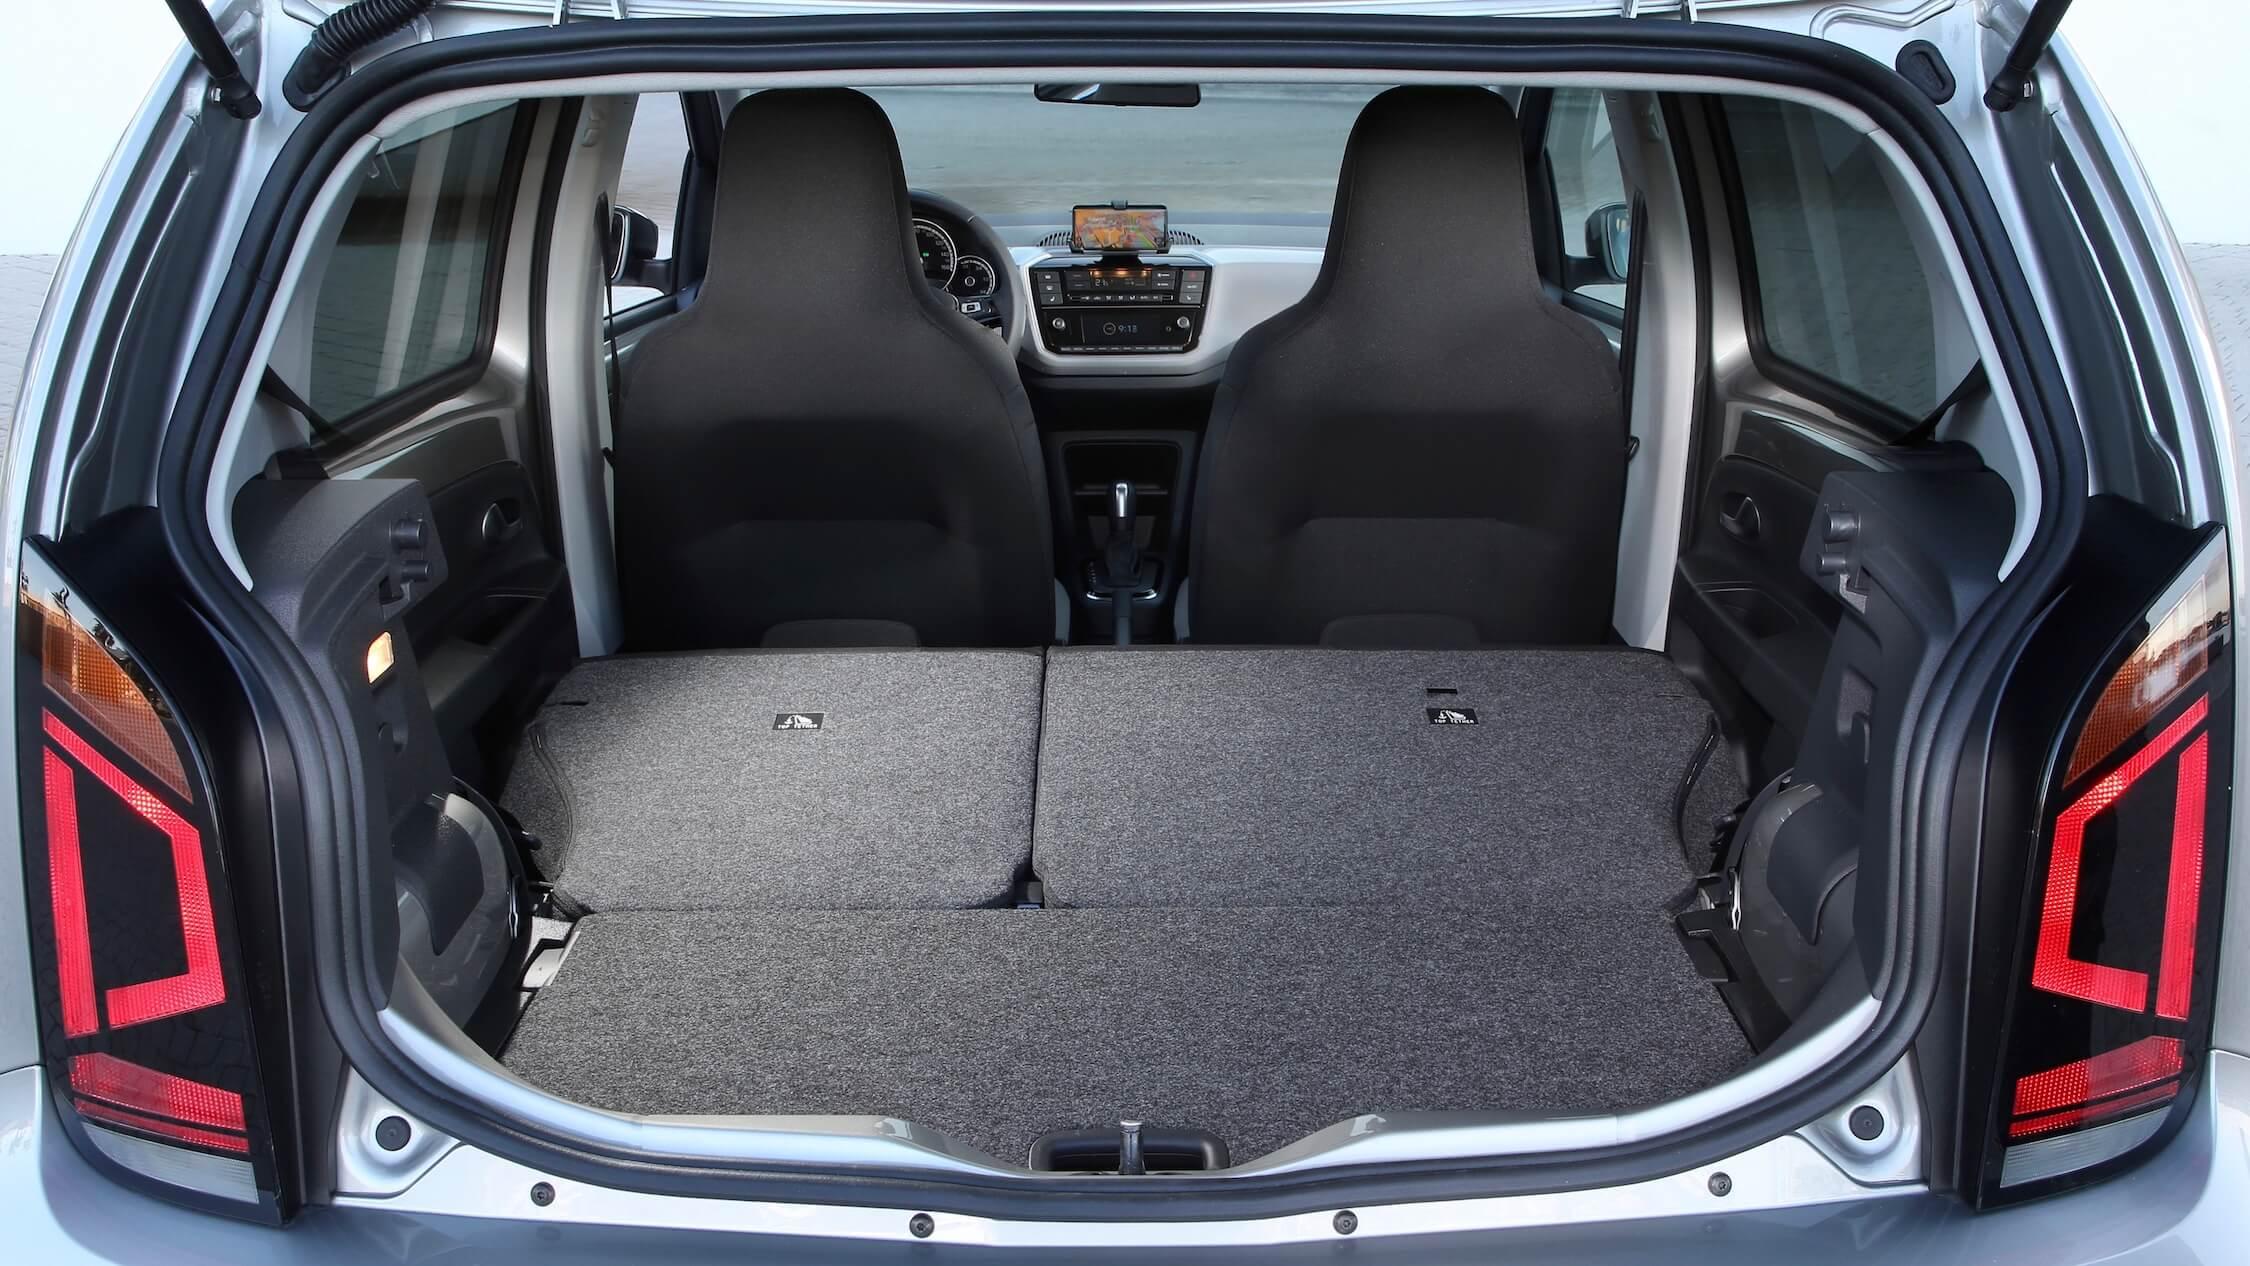 Elektrische Volkswagen e-Up laad ruimte